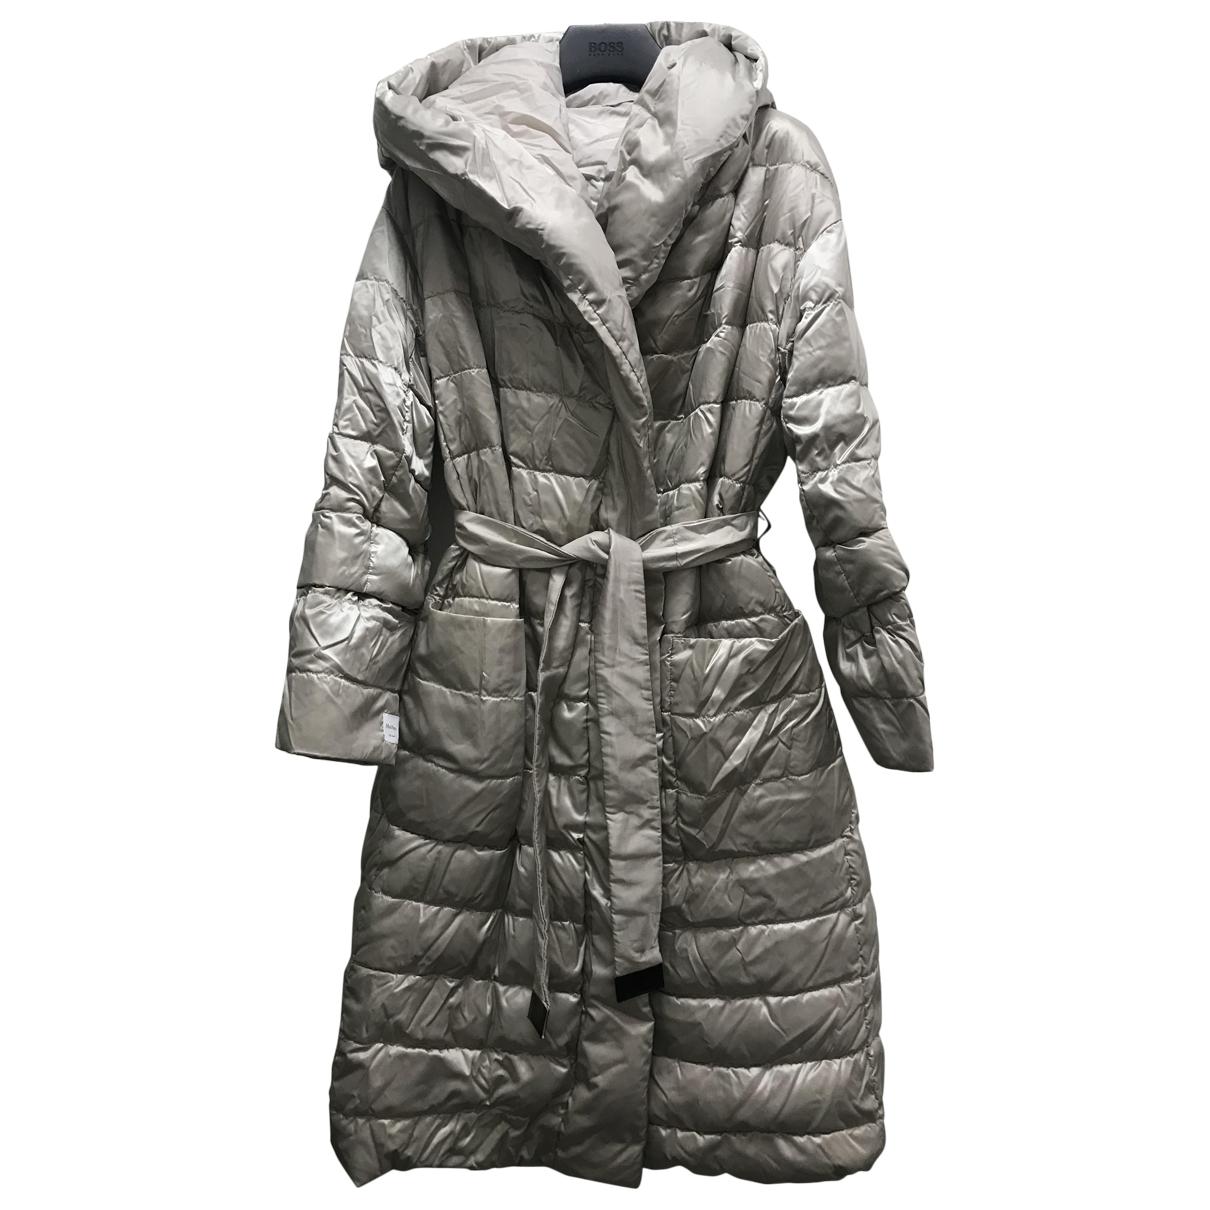 Max Mara \N Beige coat for Women 42 IT